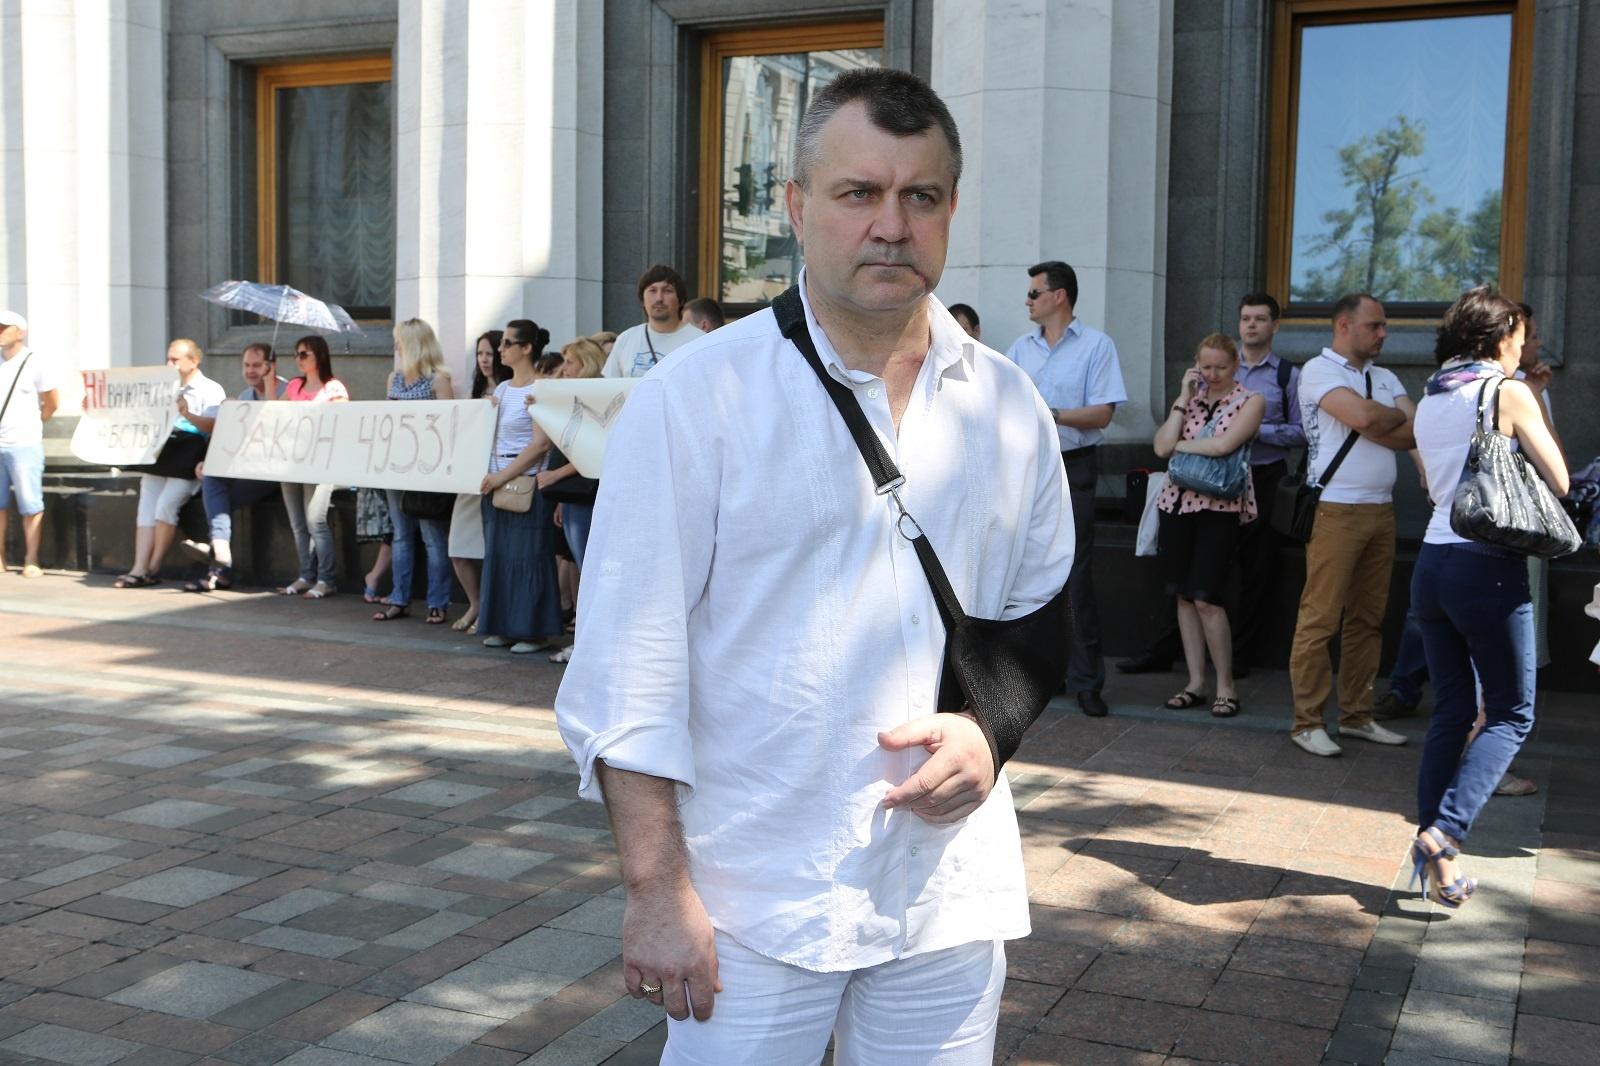 Золото может быть и черным: Адвокат Игорь Чудовский, в прошлом практиковавший в Луганске, уверен: главари республик зарабатывают на угле миллионы